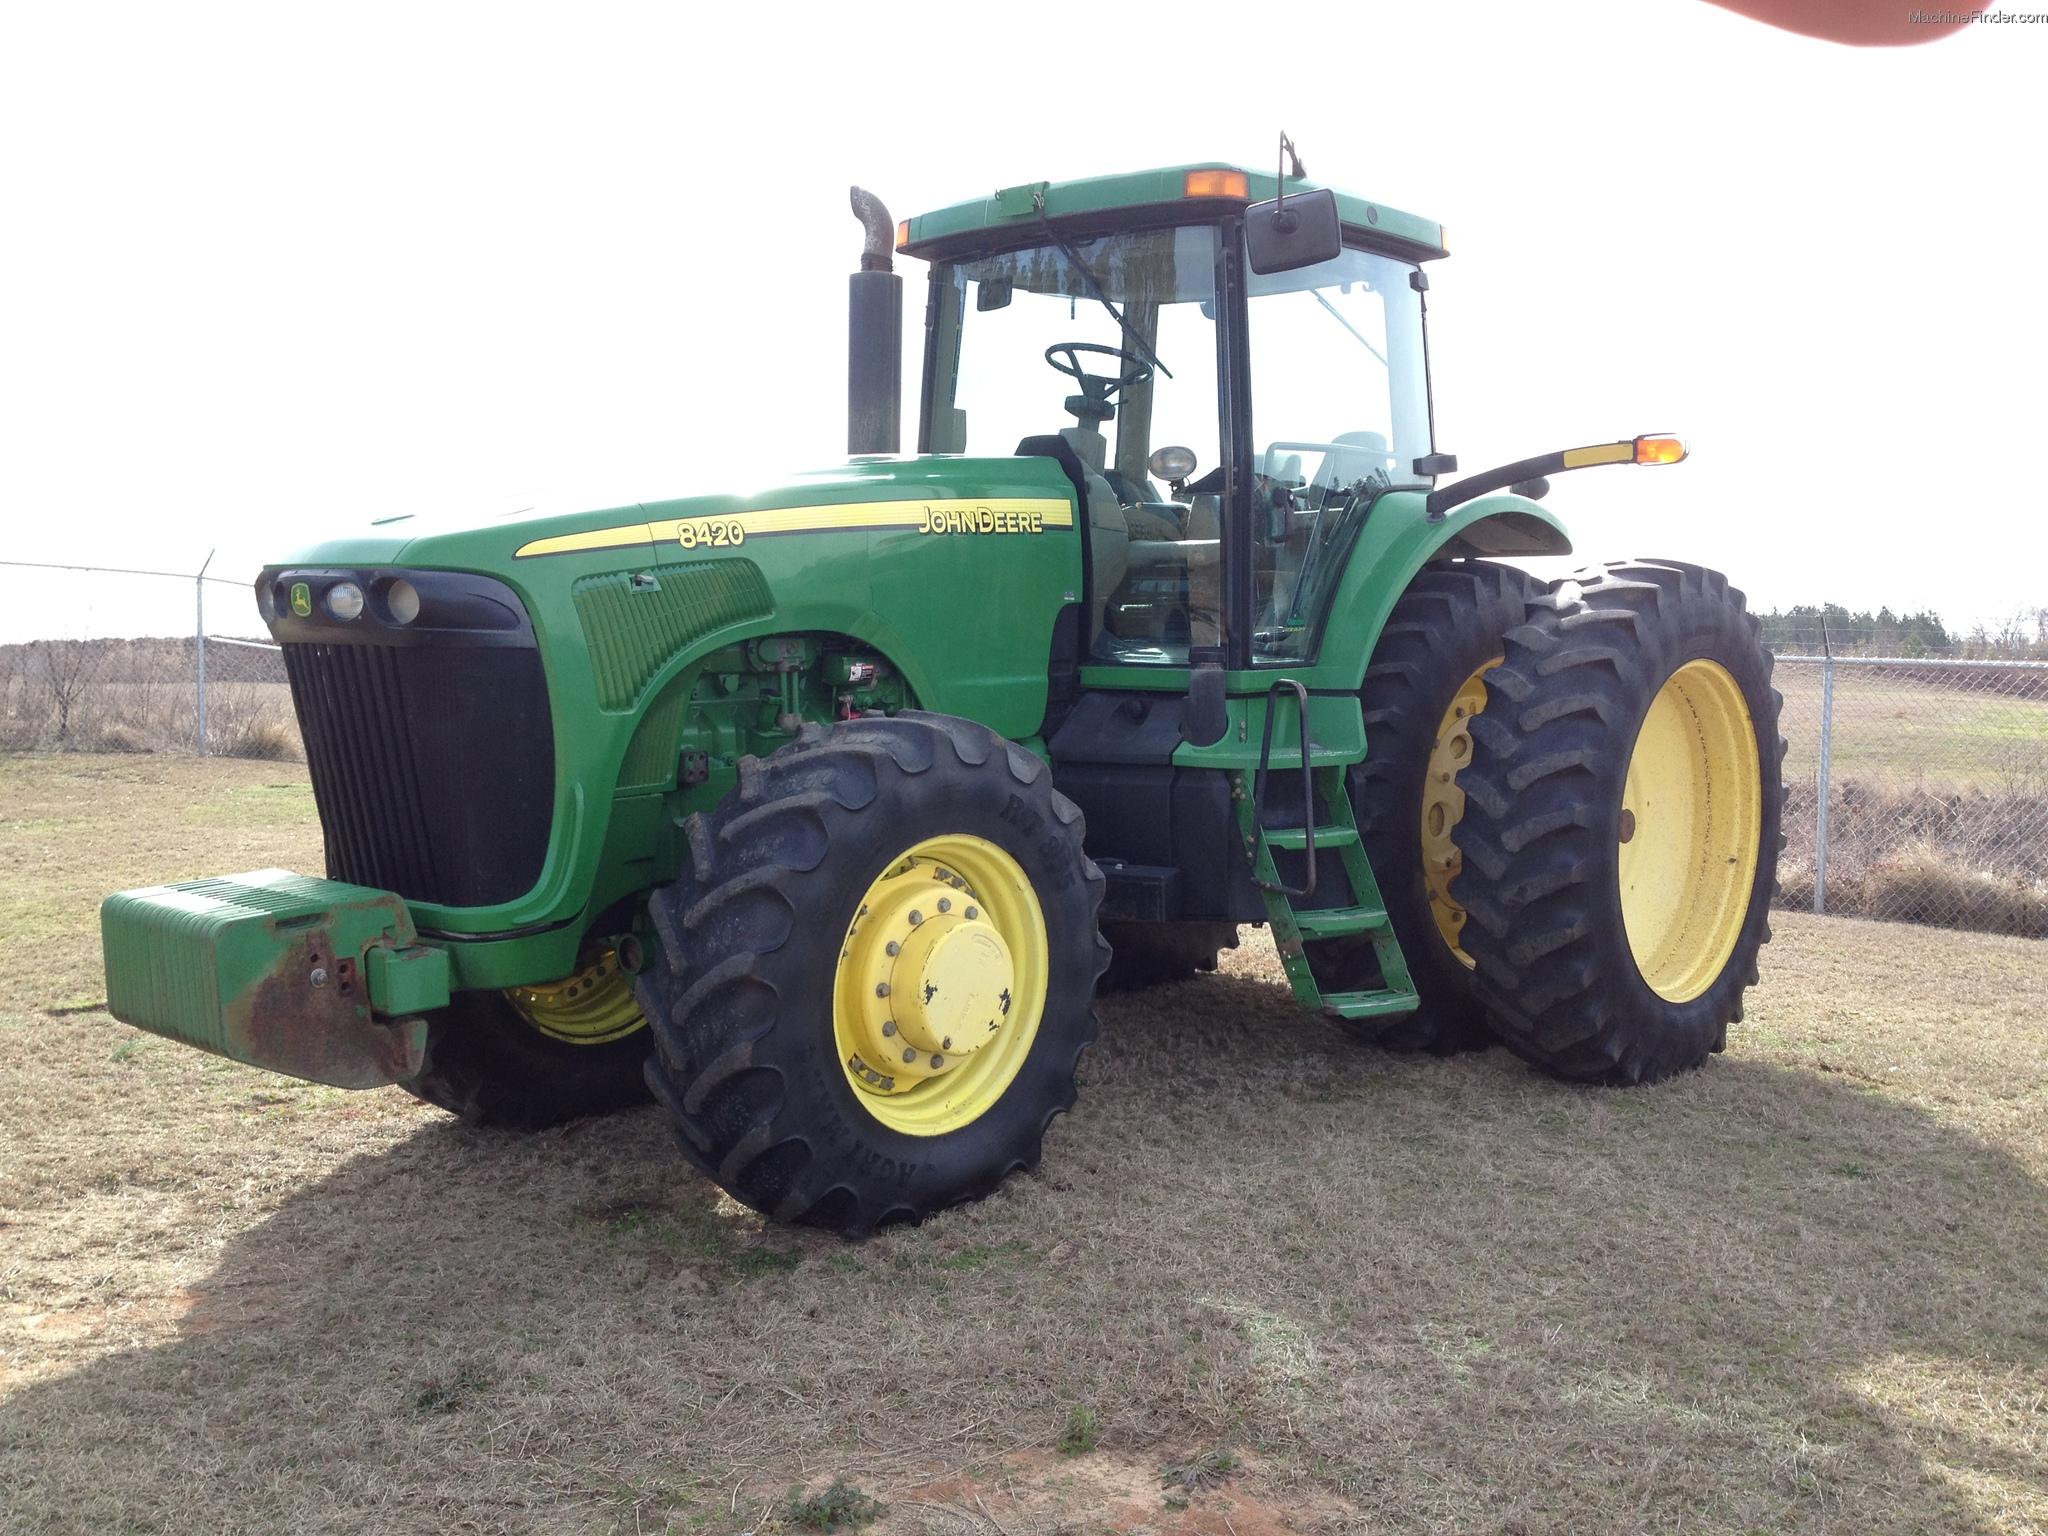 2005 John Deere 8420 Tractors - Row Crop (+100hp) - John ...